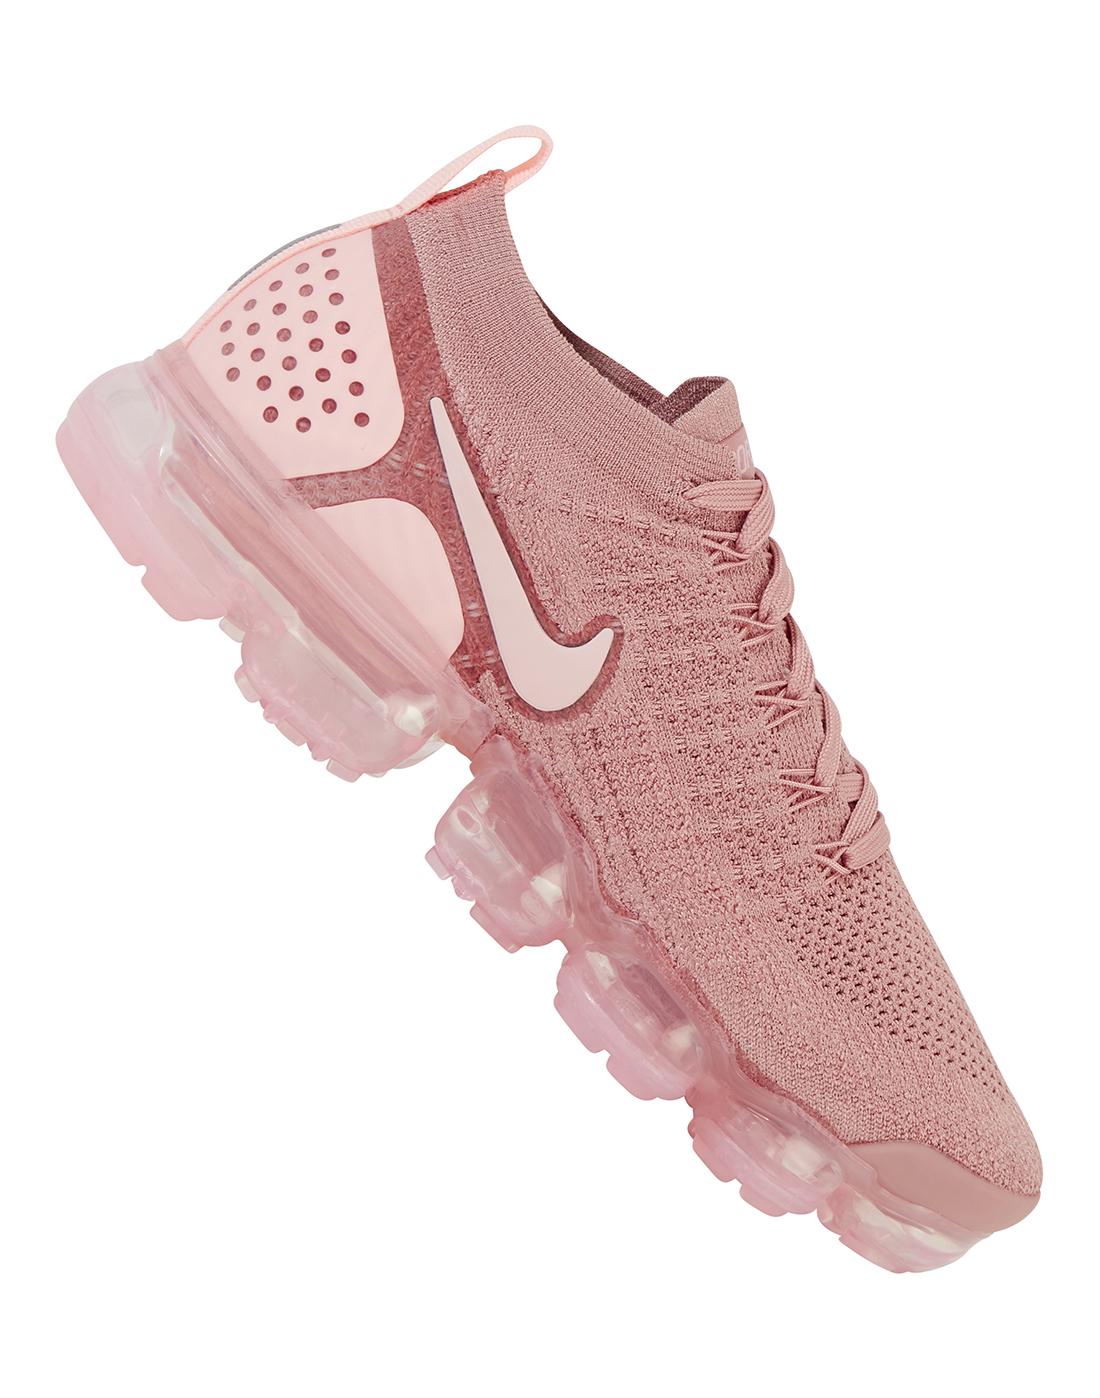 39d59d9d2e12 Women s Pink Nike VaporMax Flyknit